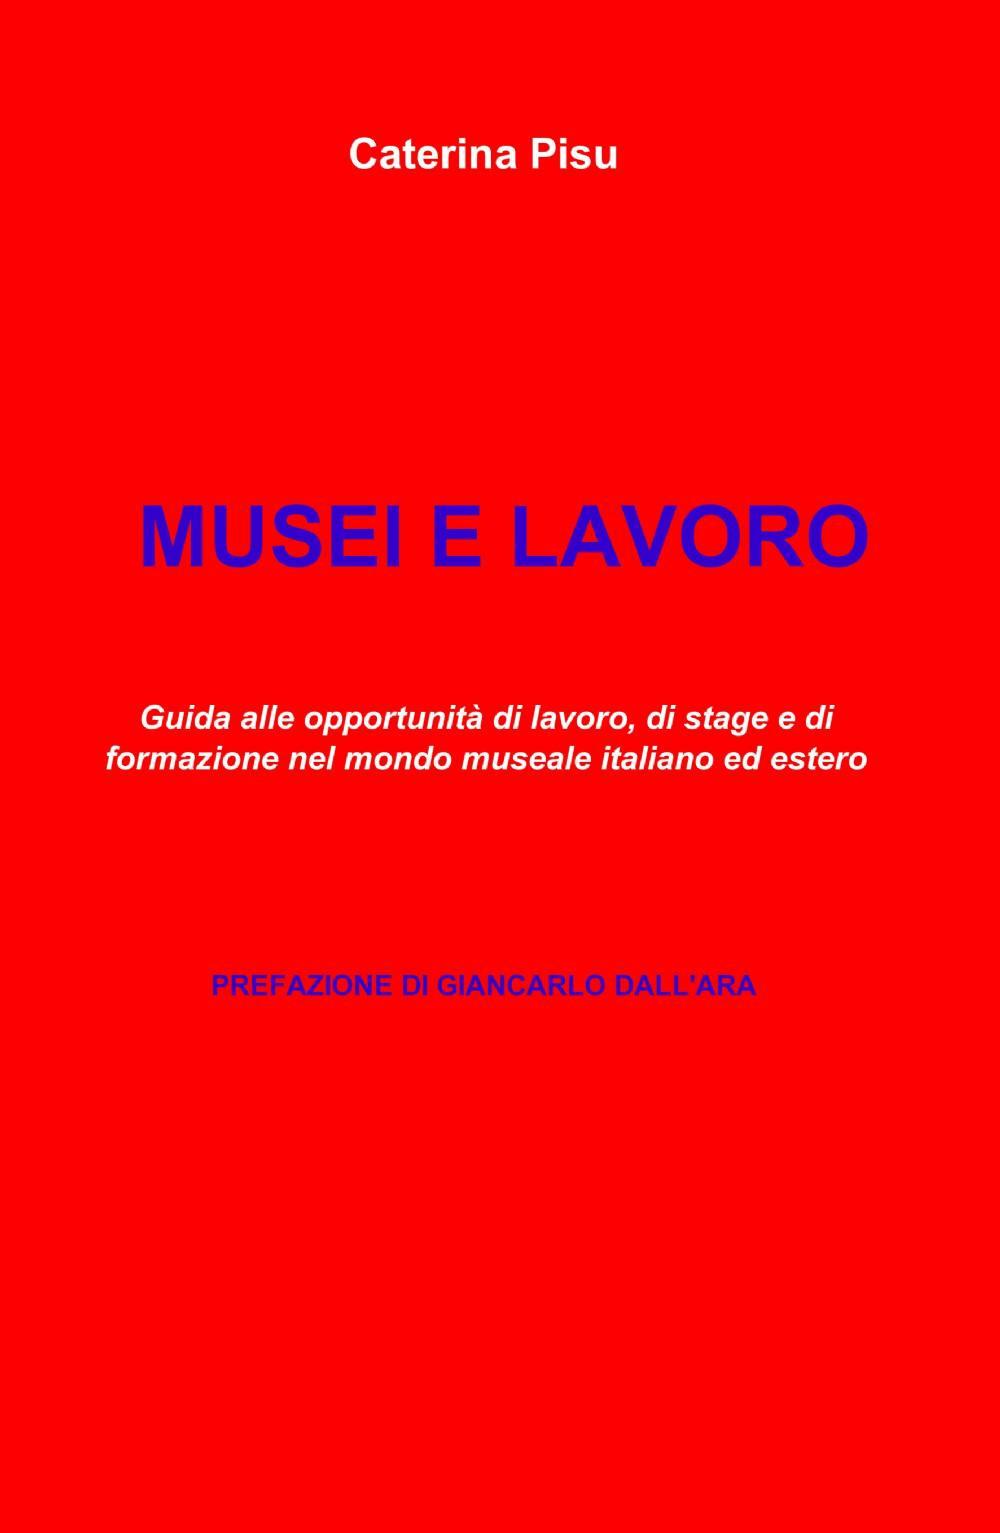 Image of Musei e lavoro